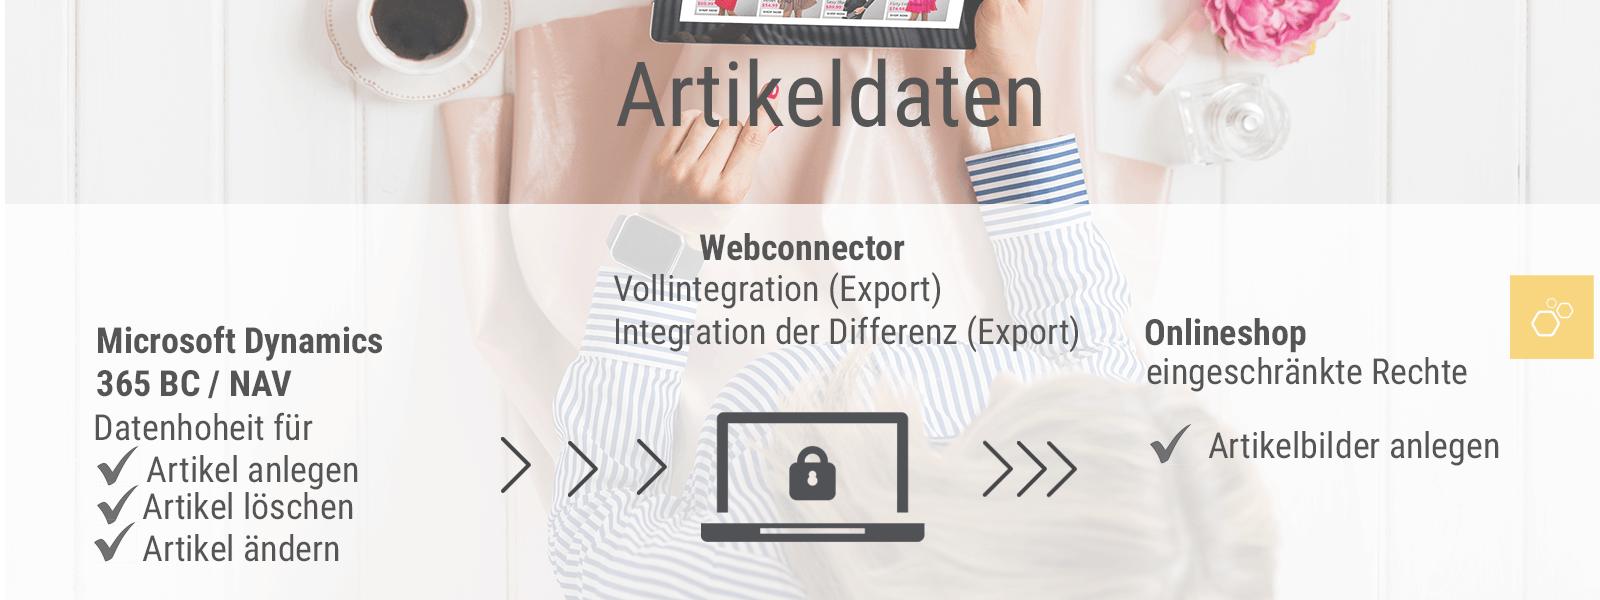 OTE GmbH Webconnector-Artikeldaten-V1